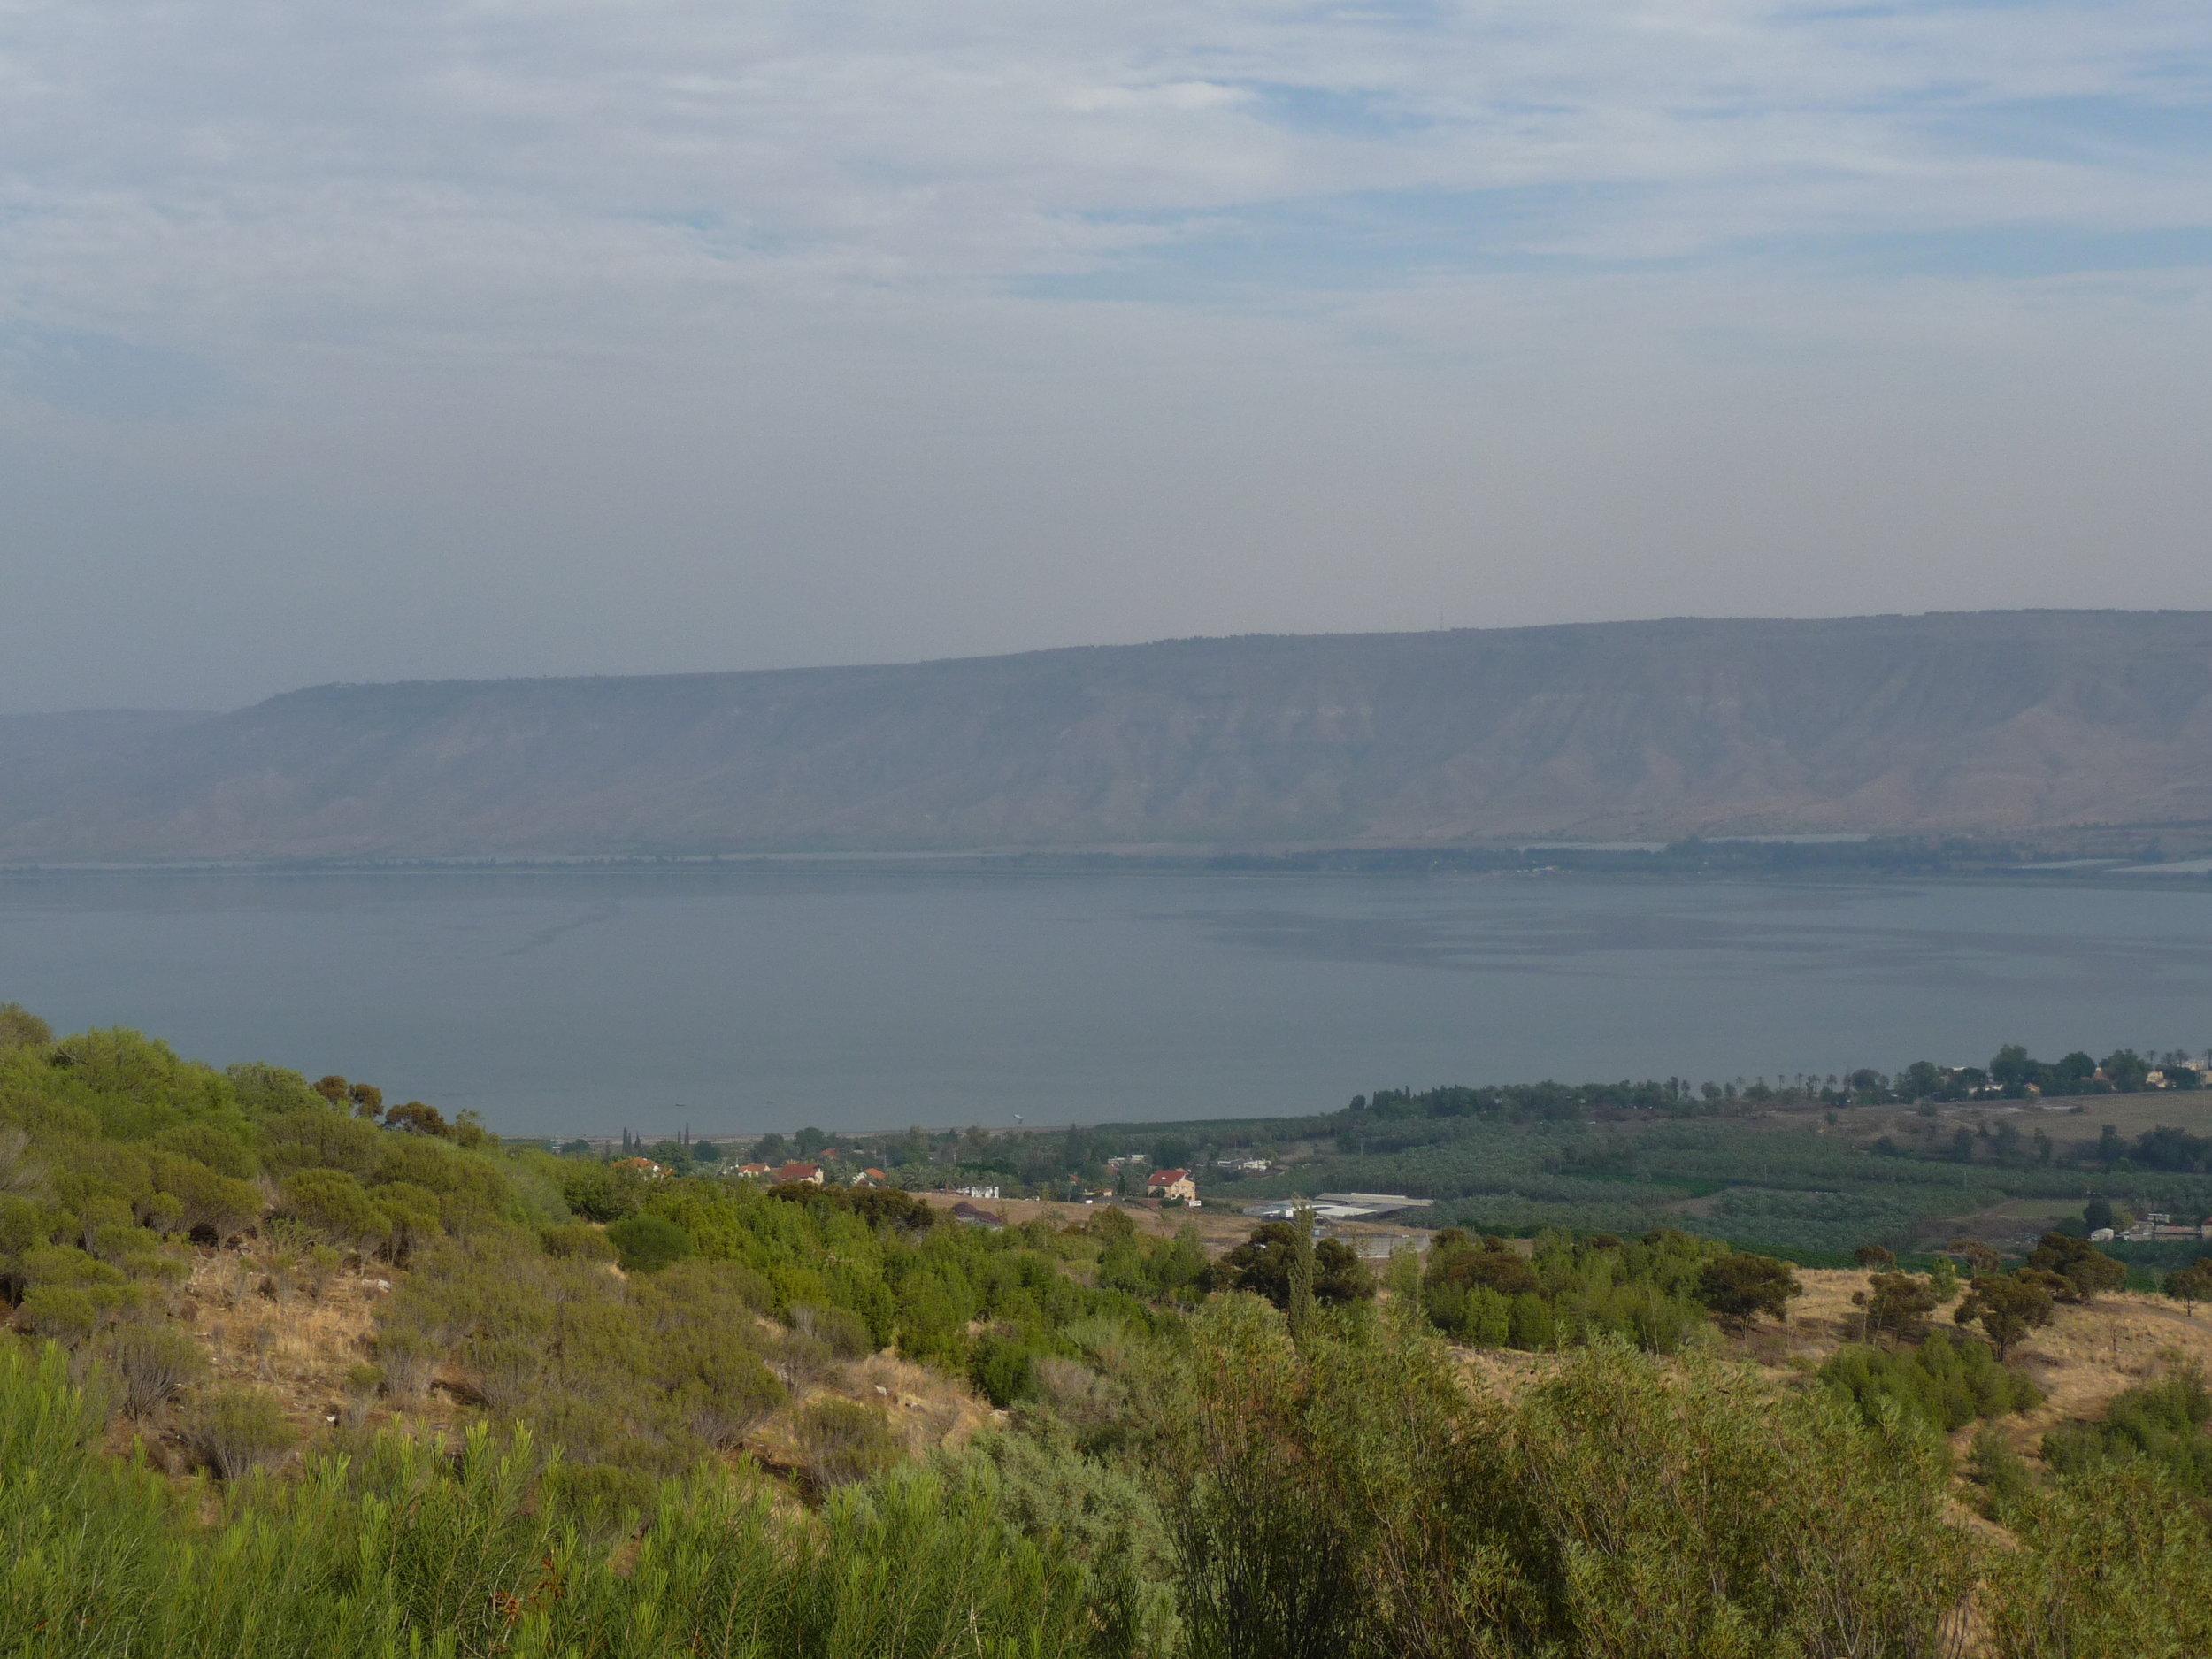 Sea of Galilee (Kinneret).JPG